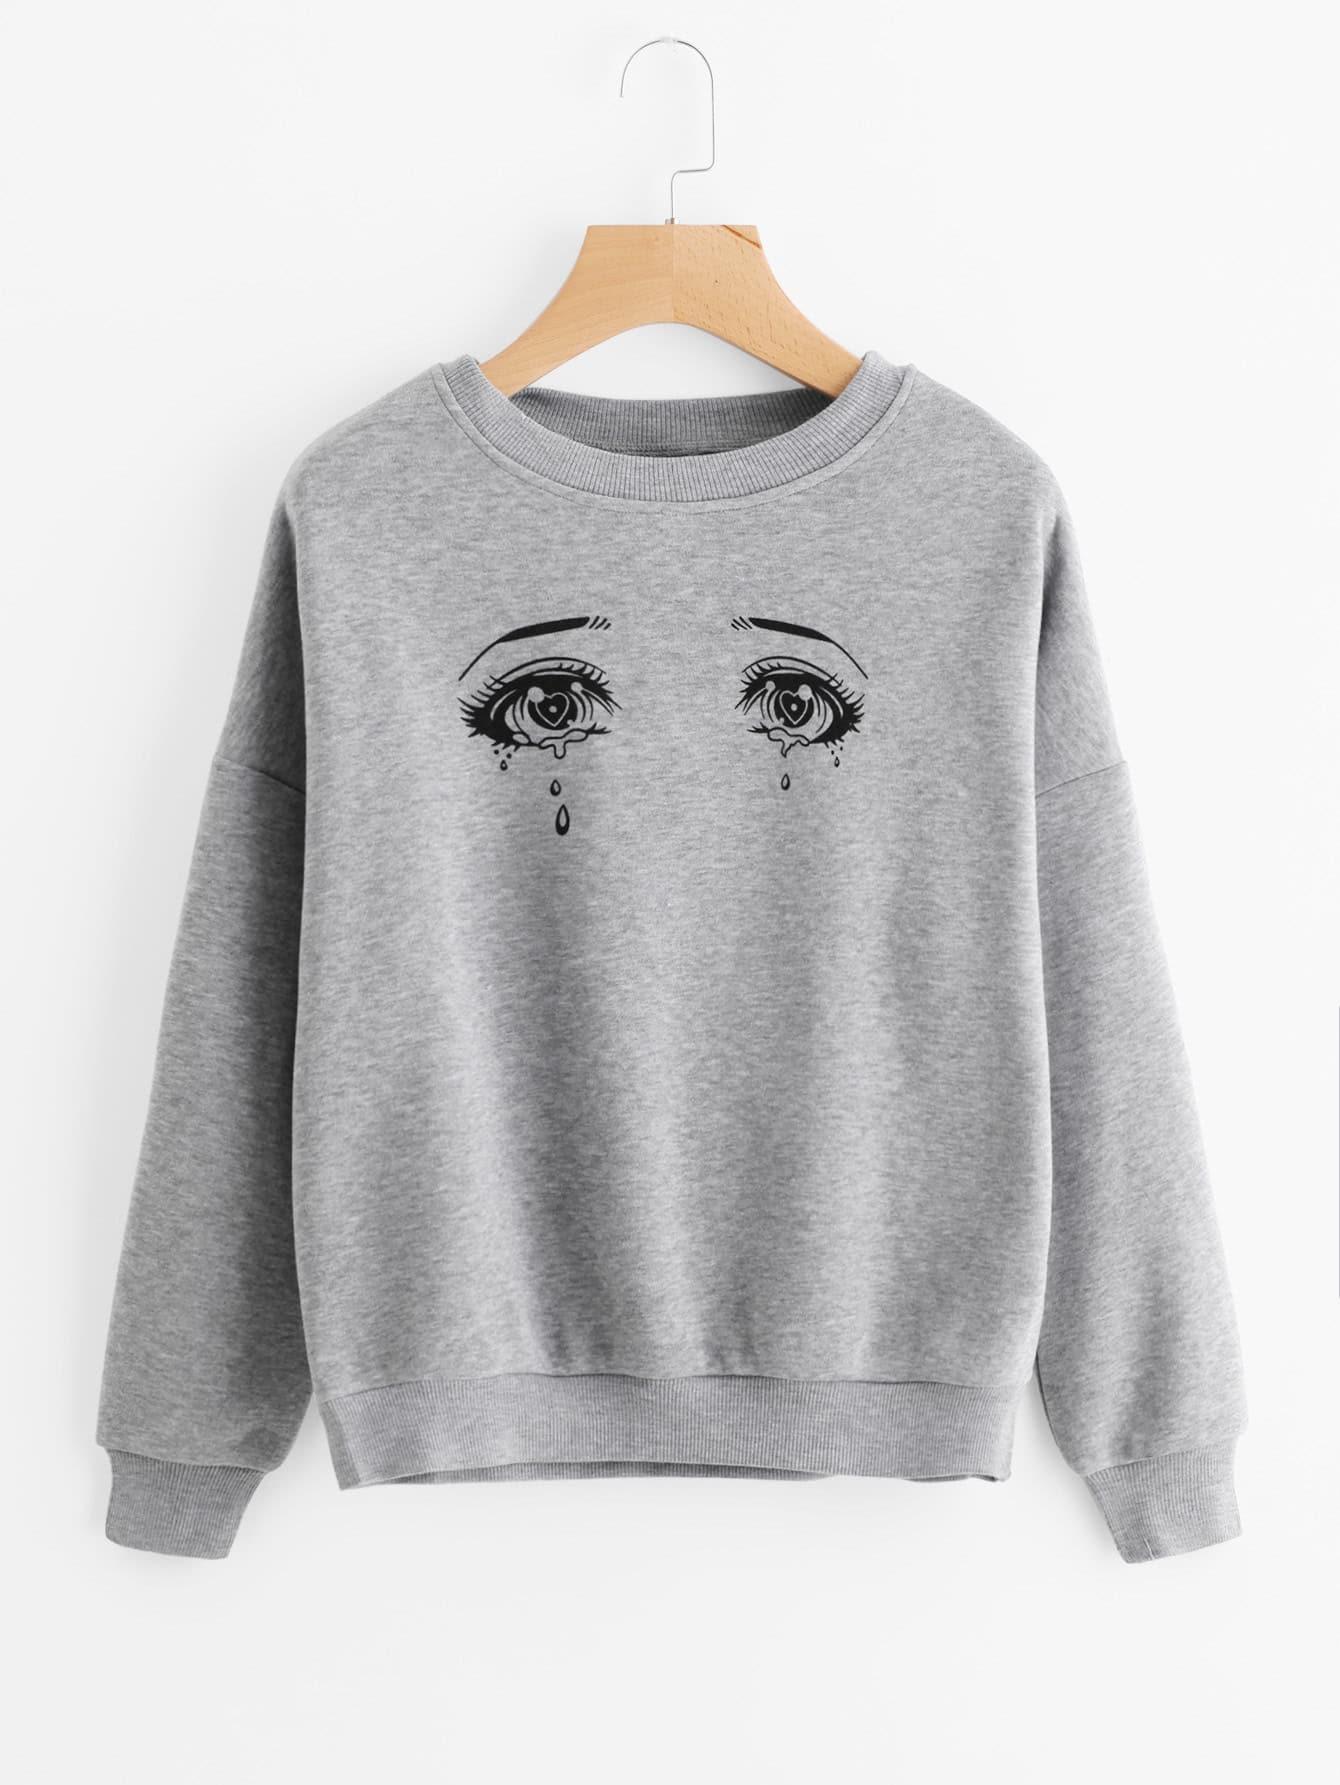 Eyes Print Drop Shoulder Marled Sweatshirt drop shoulder letter print marled crop sweatshirt